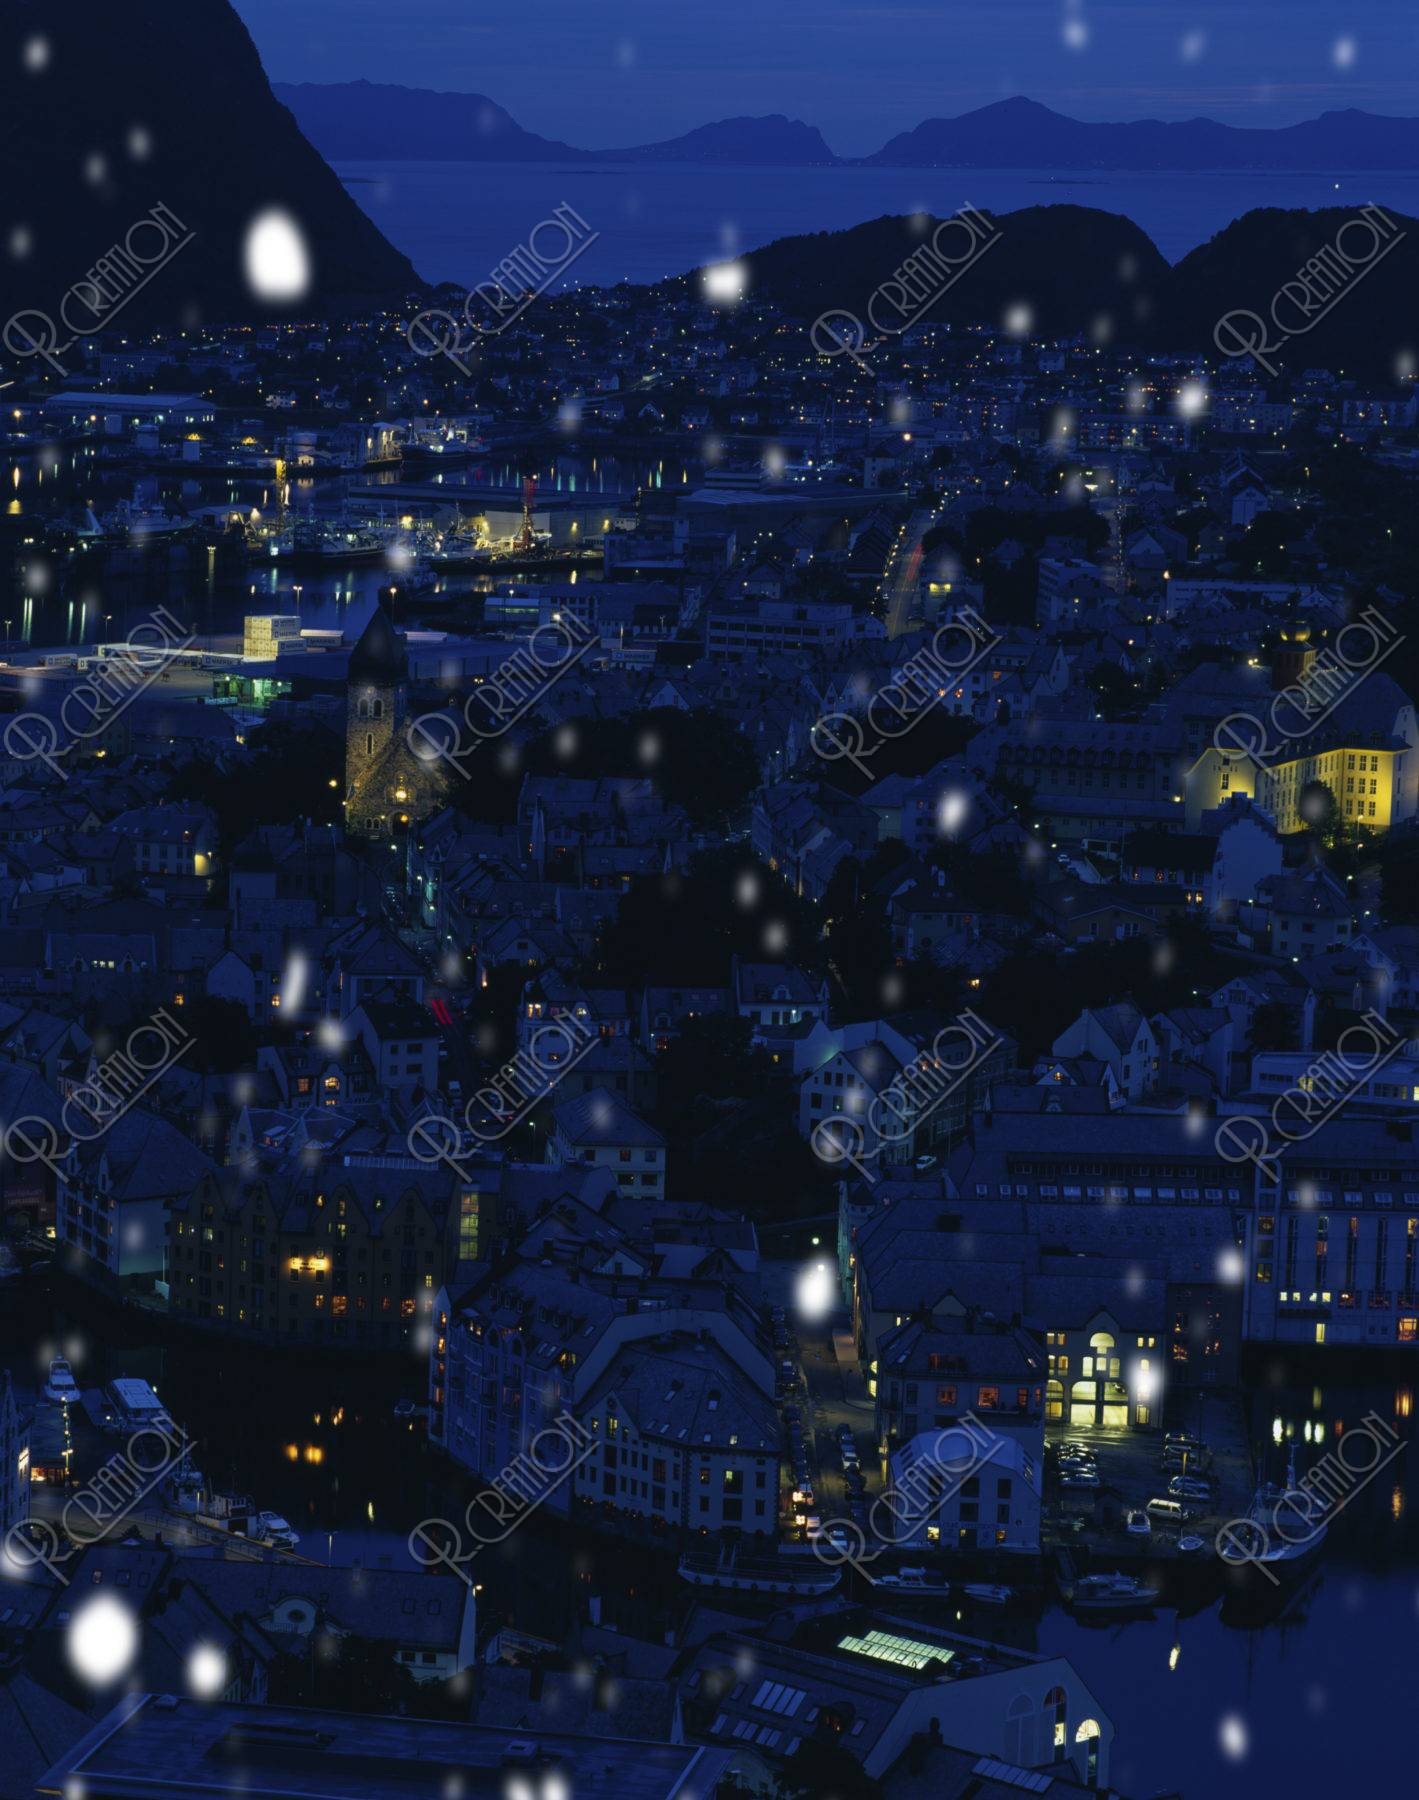 雪降る町並み CG